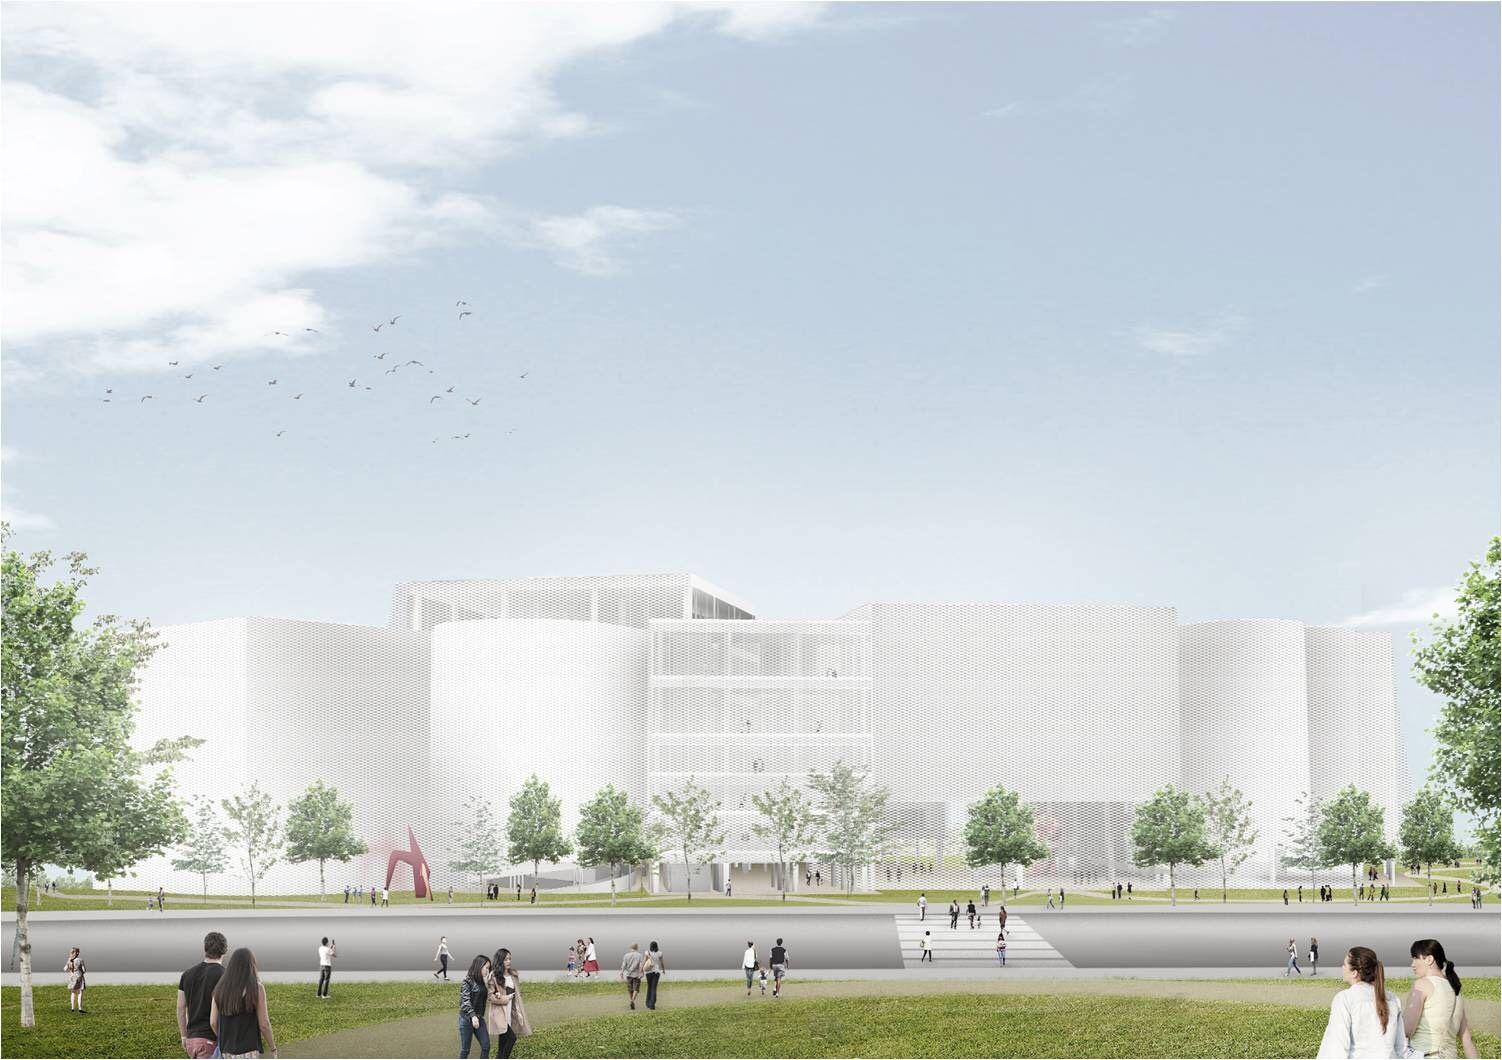 再添世界級地標!普立茲克建築師妹島和世、西澤立衛打造「台中綠美圖」實現公園中的圖書館概念